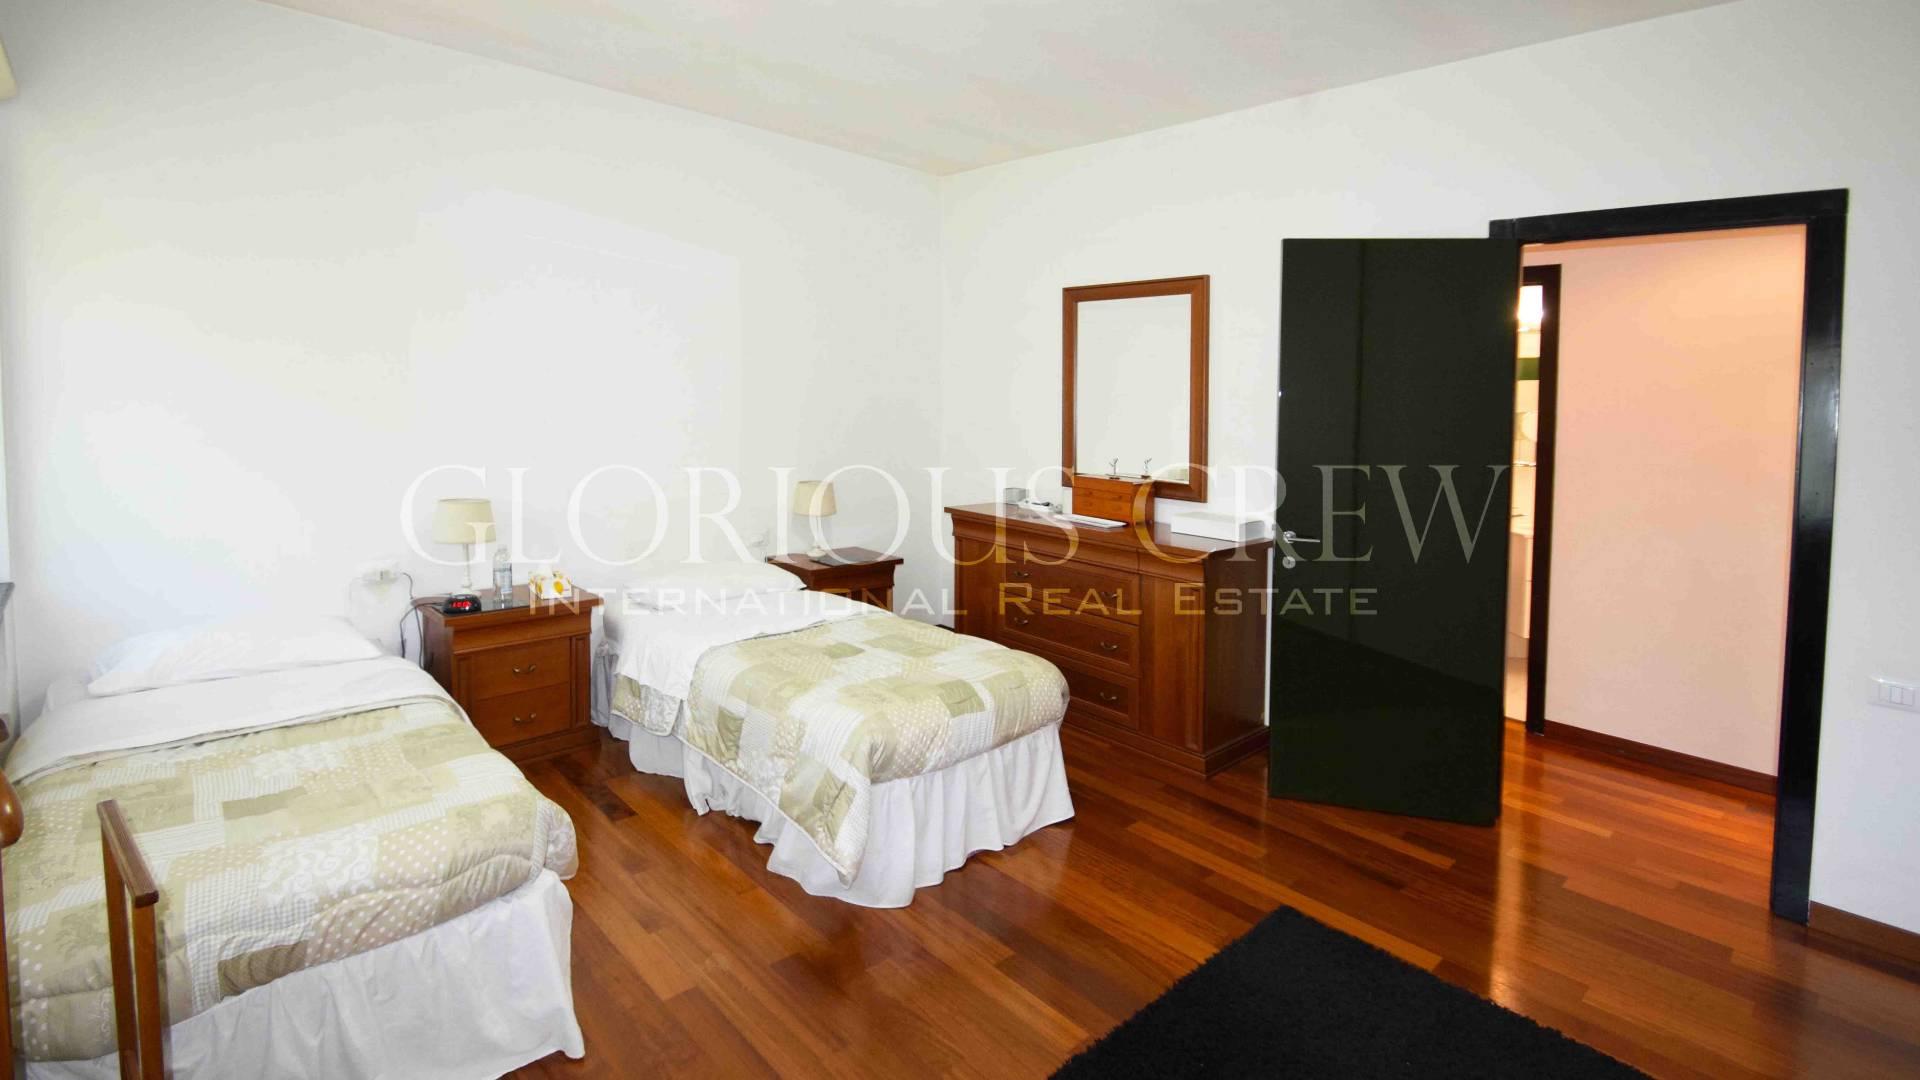 Appartamento in Vendita a Cassina Rizzardi: 4 locali, 155 mq - Foto 12